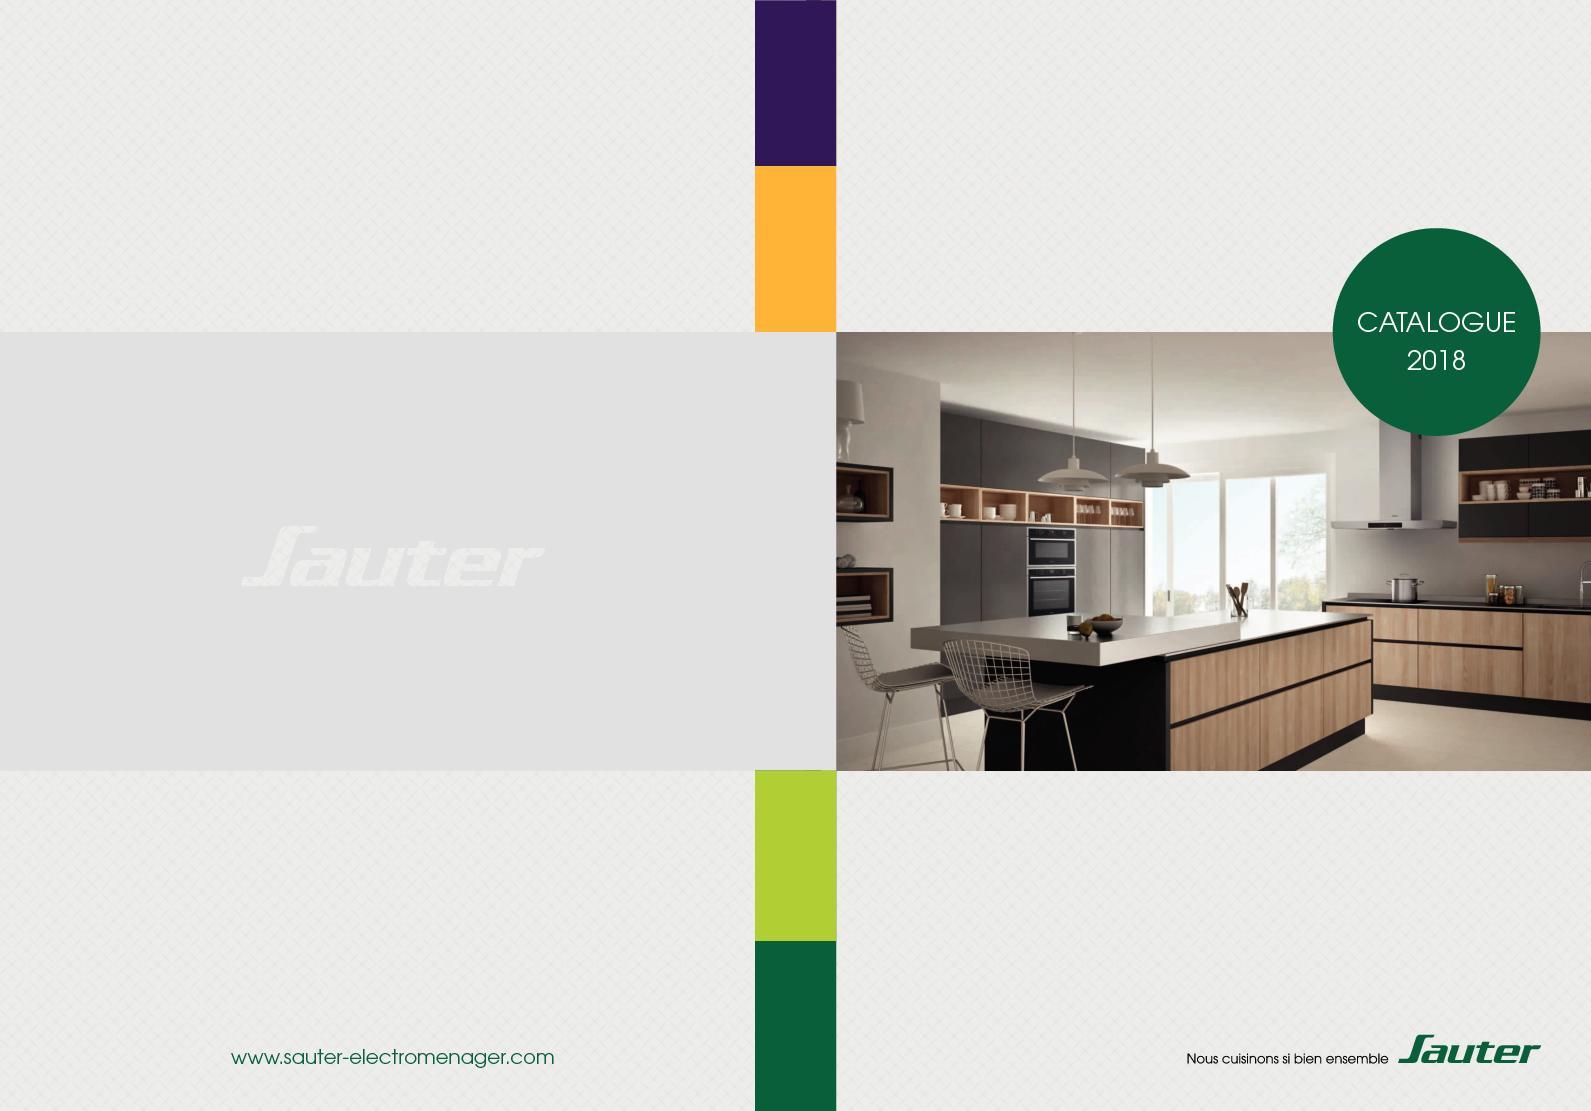 Calaméo Catalogue Sauter 2018